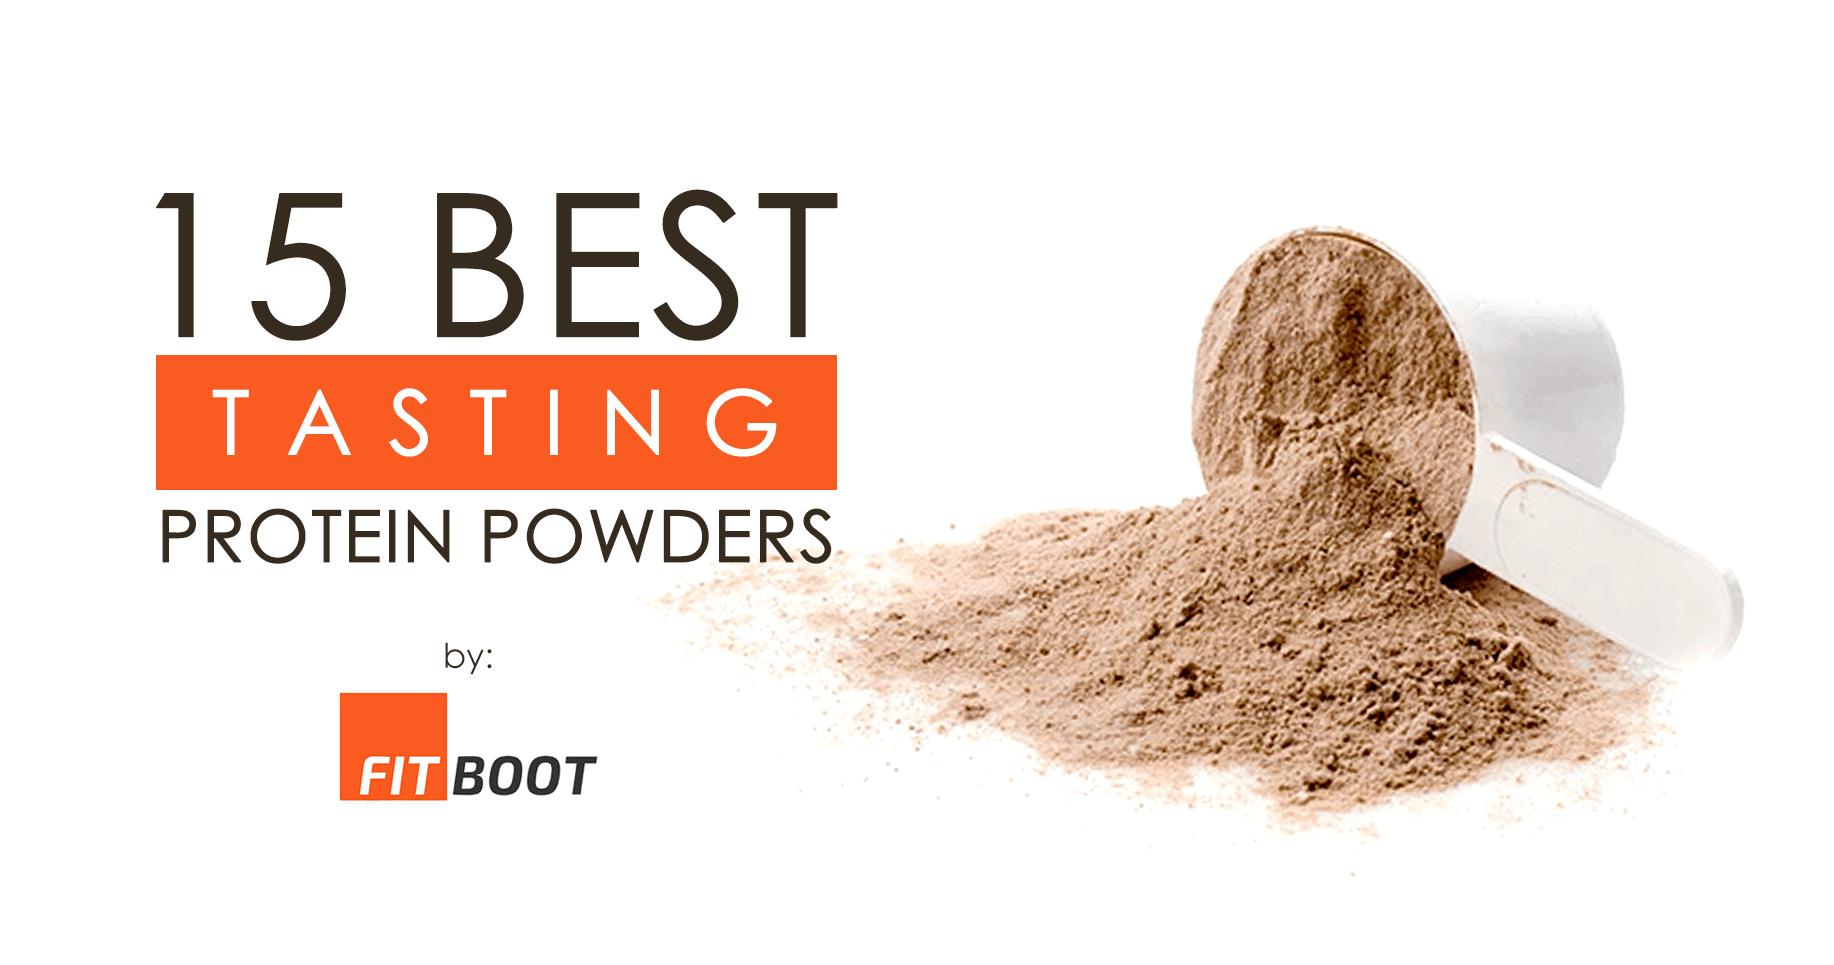 15 Best Tasting Protein Powders